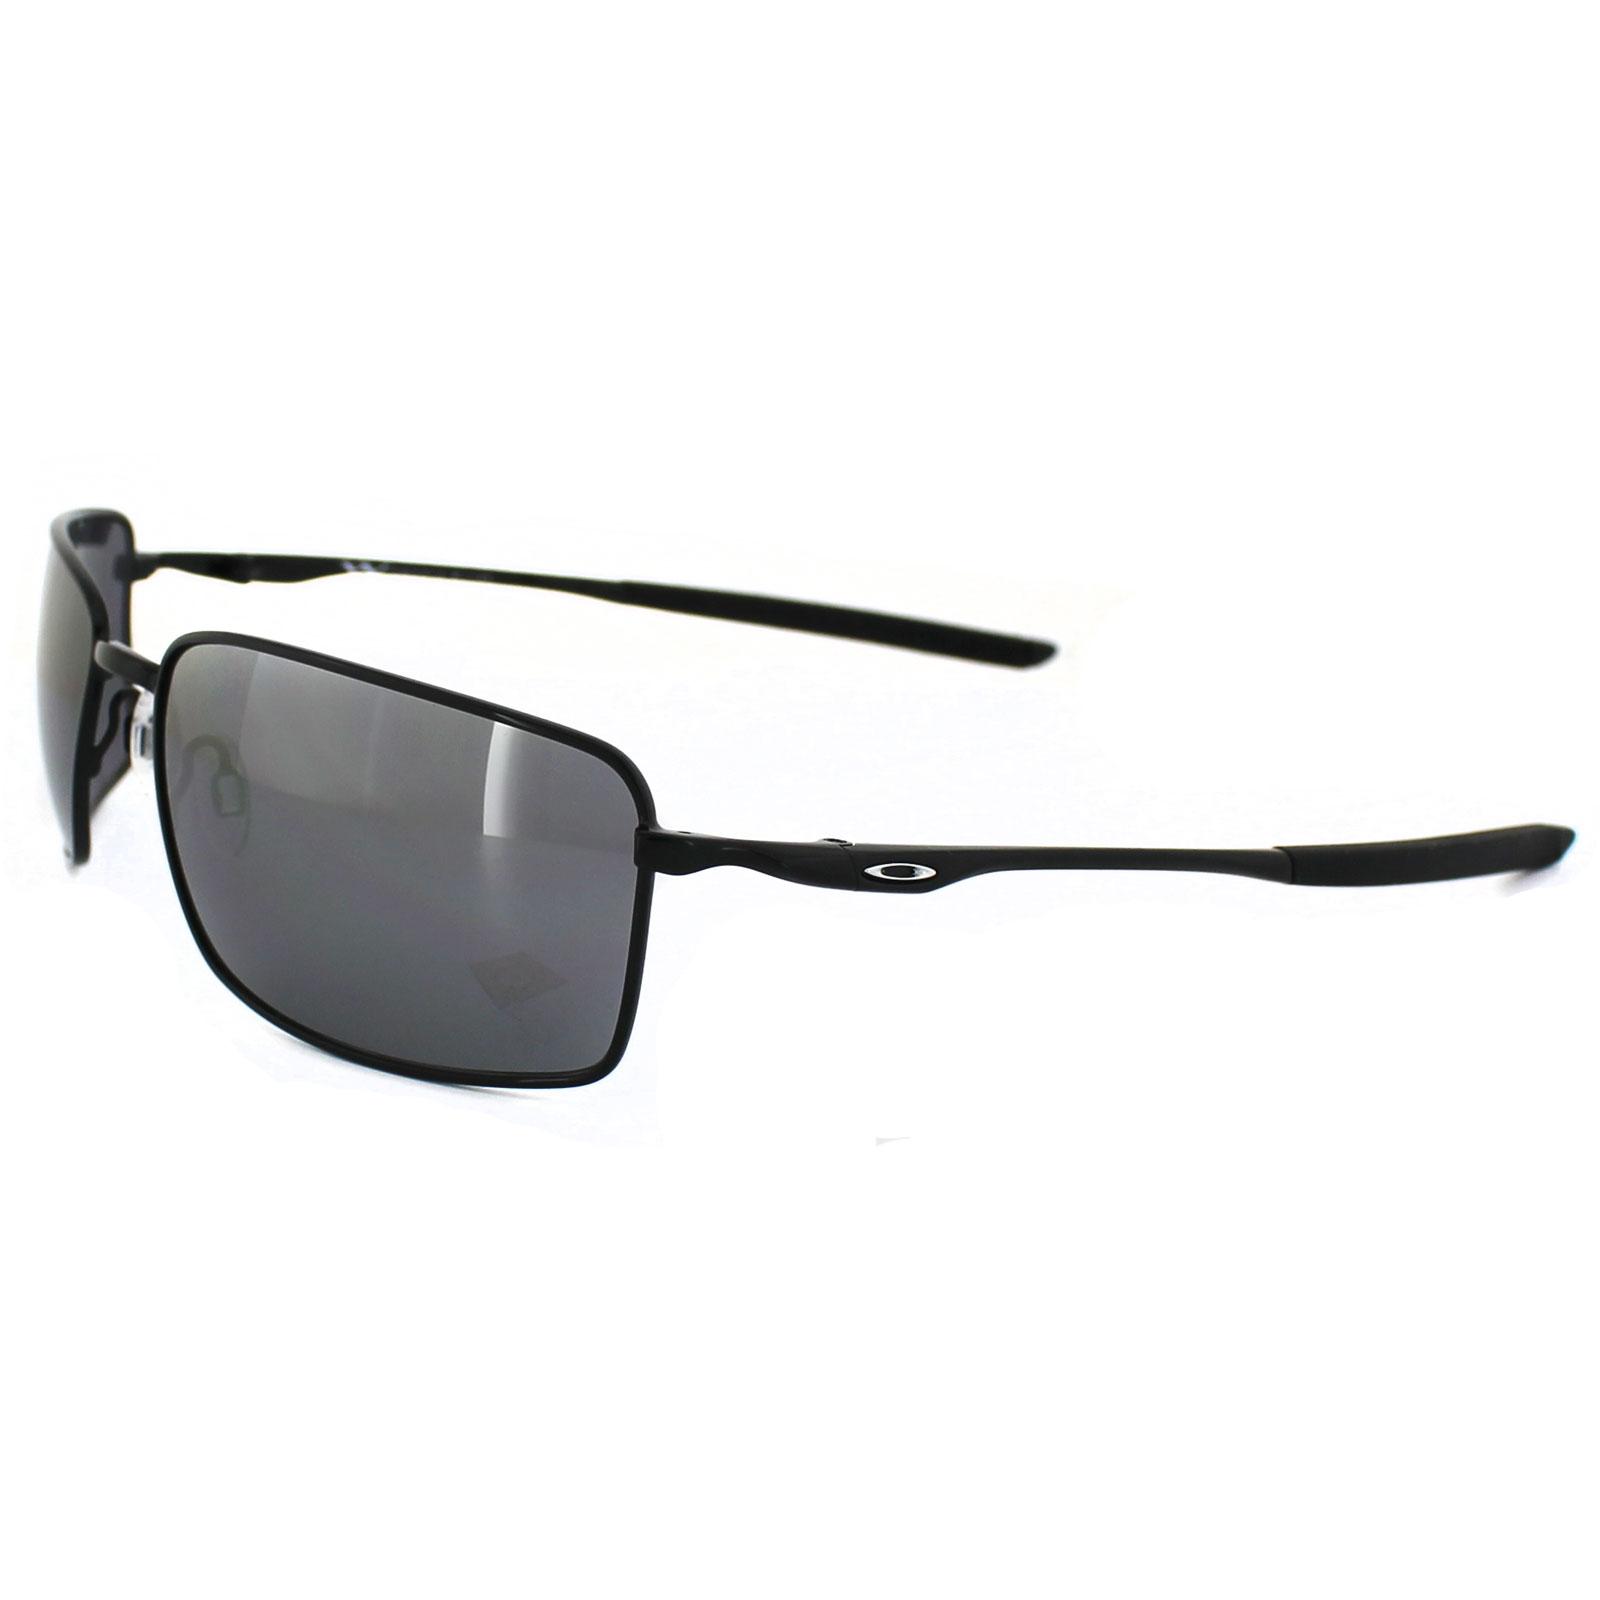 Cheap Oakley Square Wire Sunglasses - Discounted Sunglasses